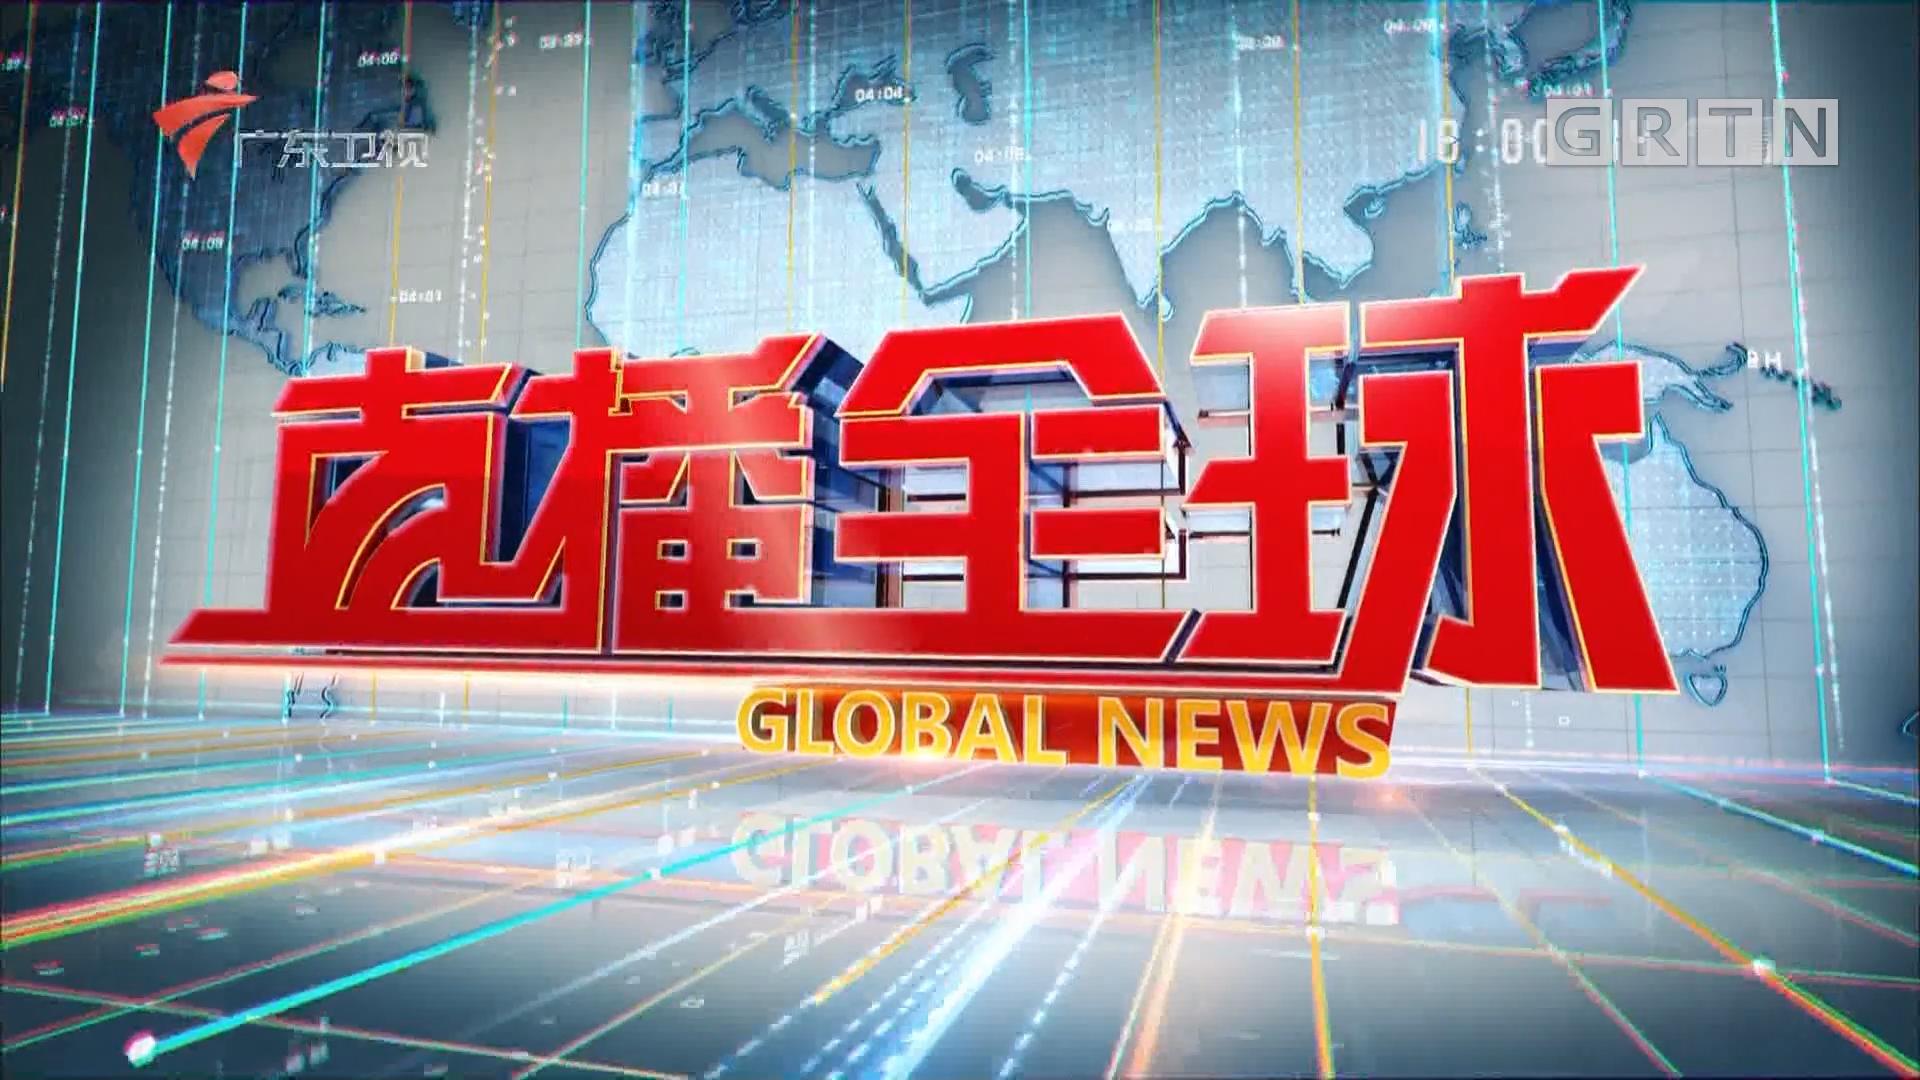 [HD][2019-05-21]直播全球:首屆粵港澳大灣區媒體峰會:媒連粵港澳 融通大灣區 建設一流灣區 需要一流媒體